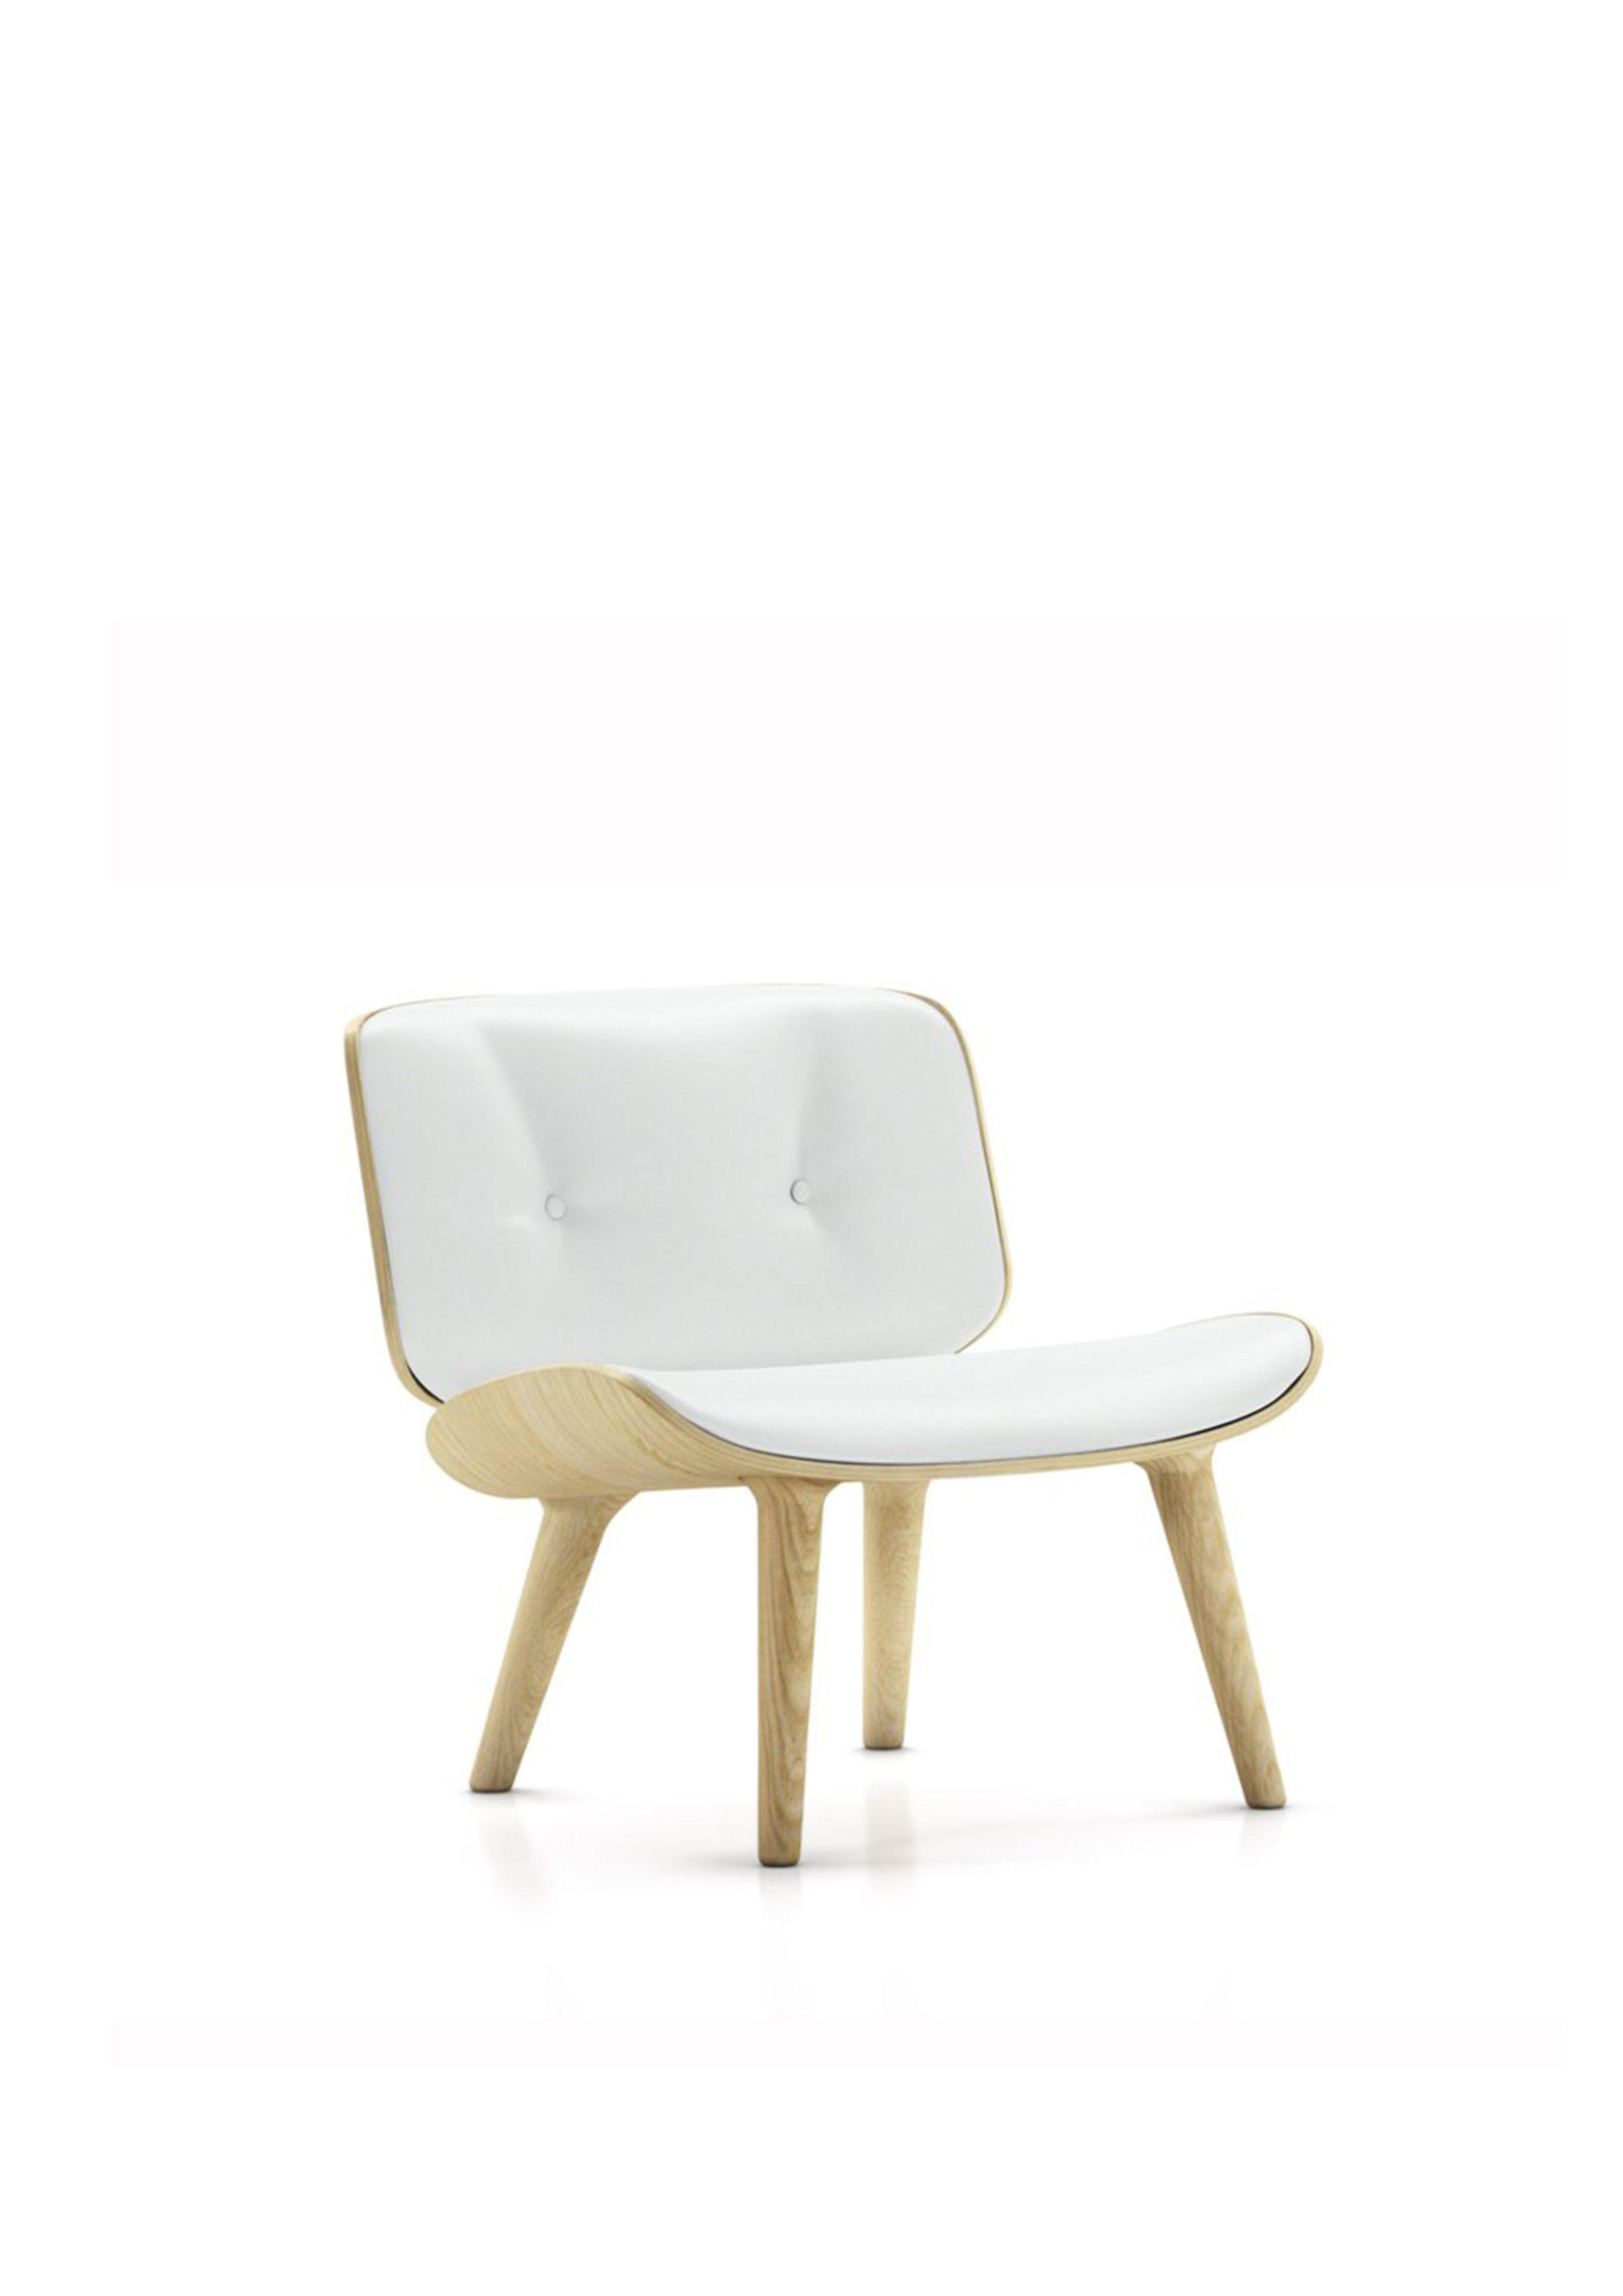 White single sofa chair. Modern chair.The precious flavour